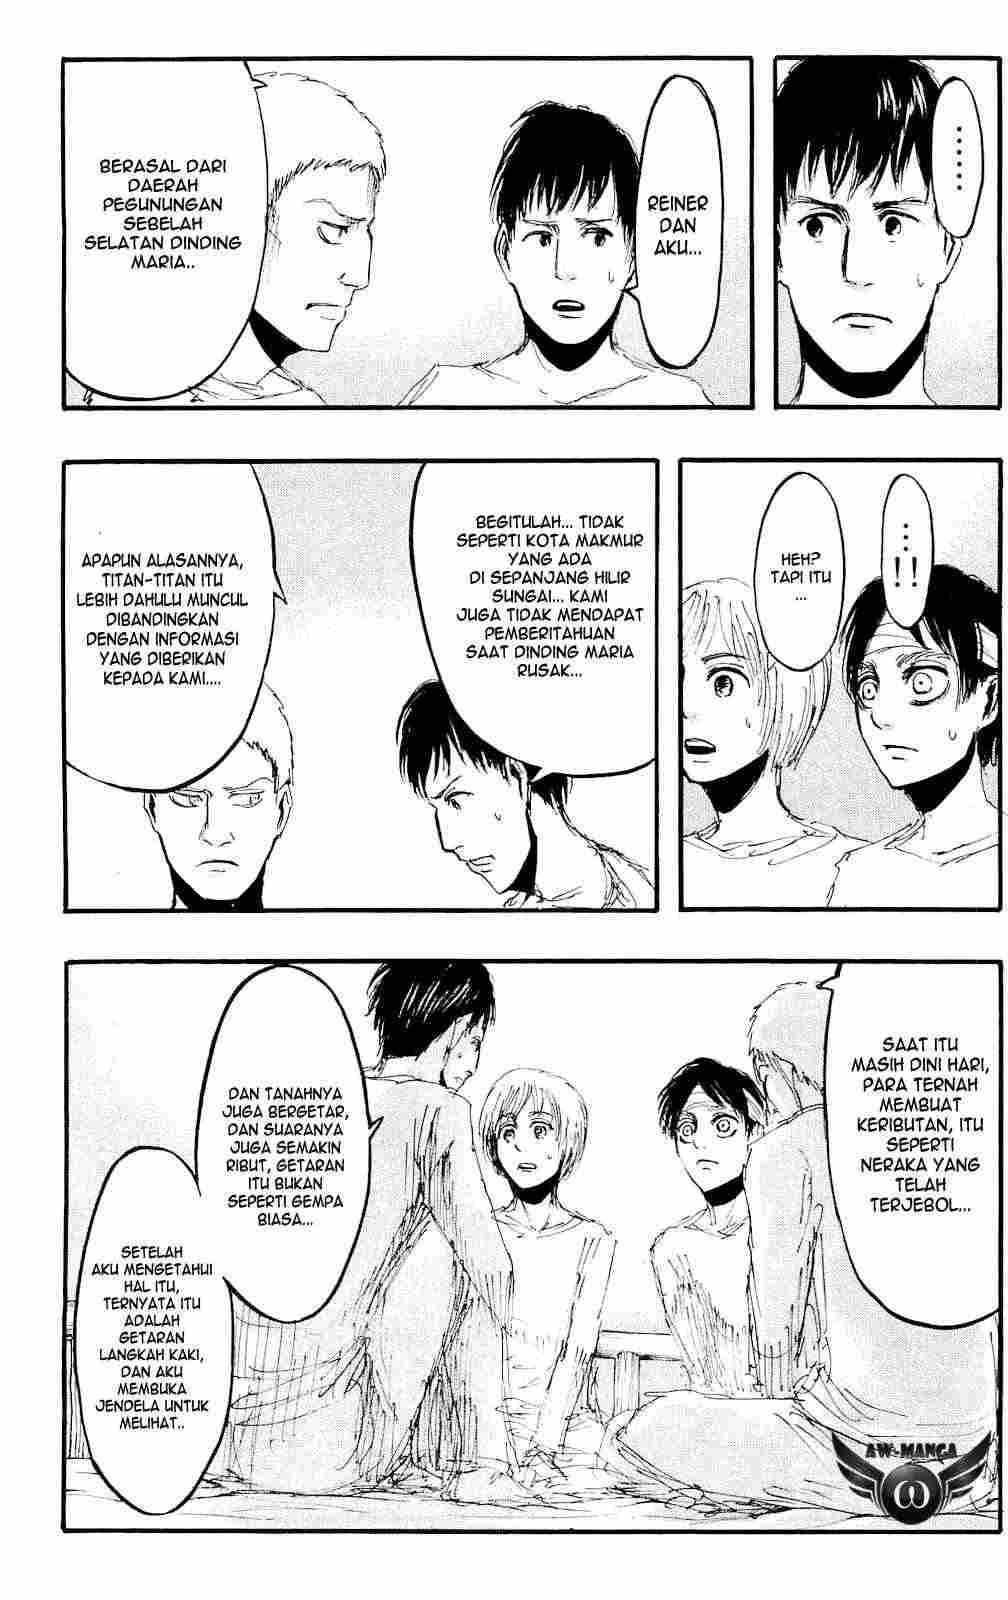 Komik shingeki no kyojin 016 - kebutuhan 17 Indonesia shingeki no kyojin 016 - kebutuhan Terbaru 17|Baca Manga Komik Indonesia|